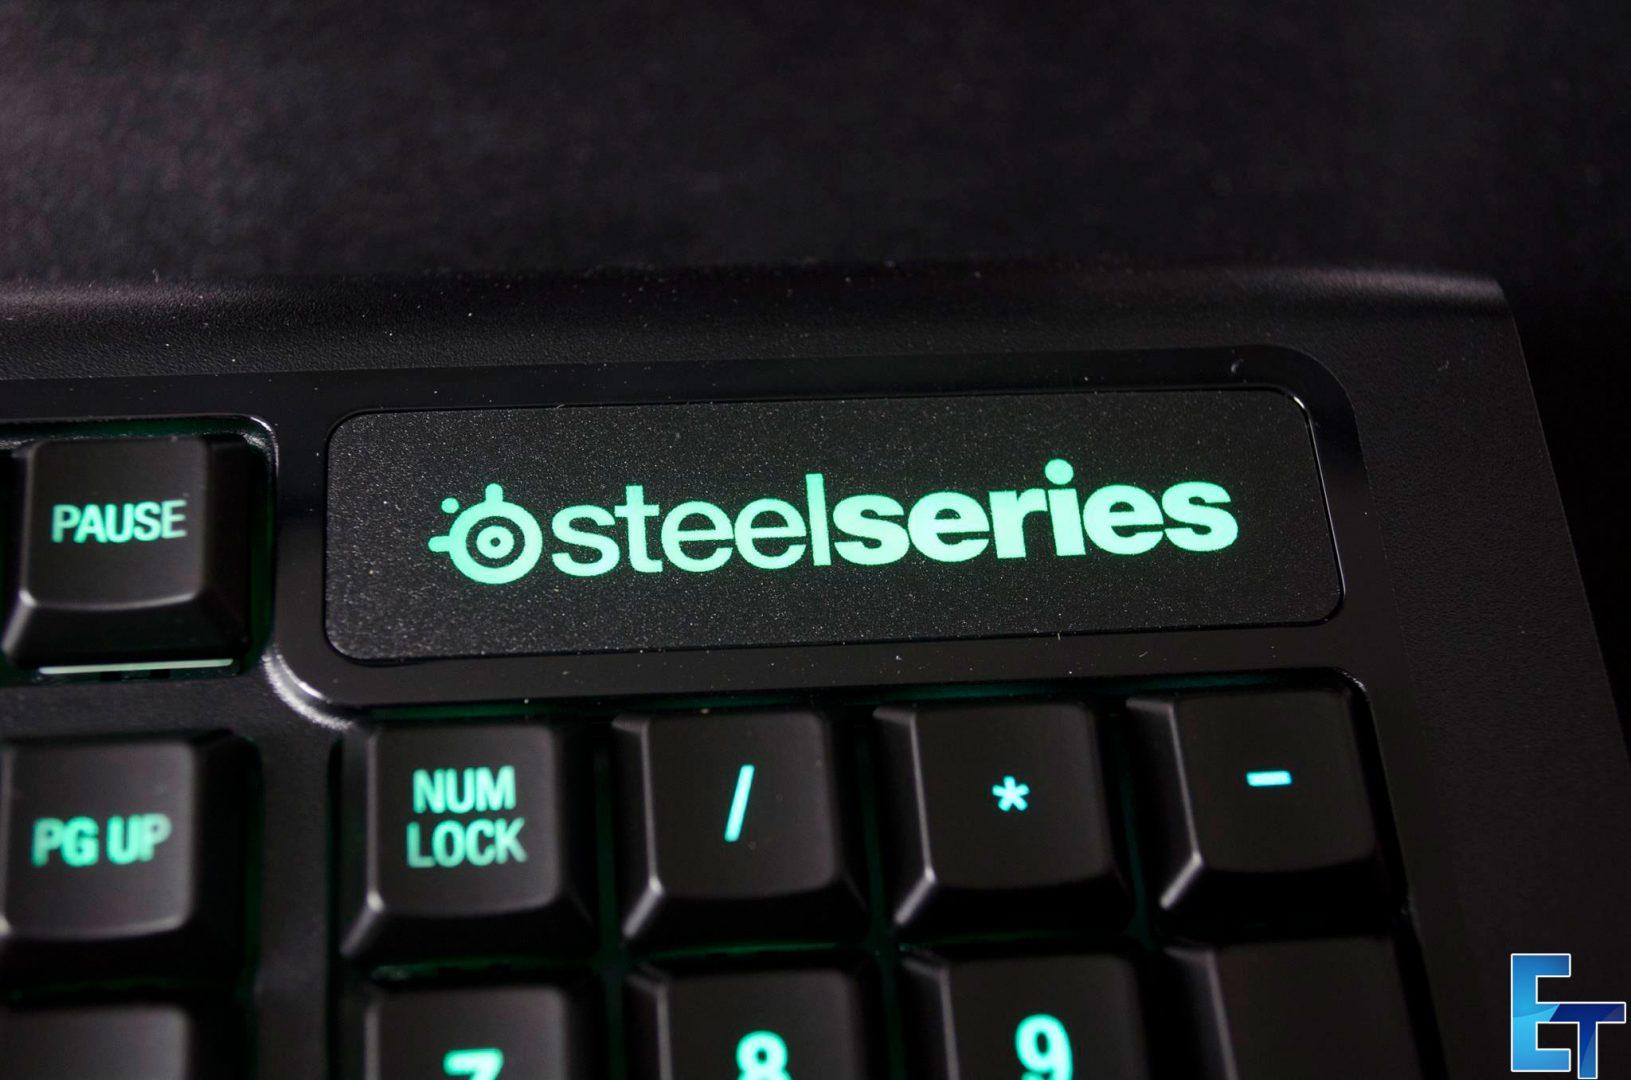 sTEELsERIES-aPEX-m800-mECHANICAL-gAMING-KEYBOARD-rEVIEW_5